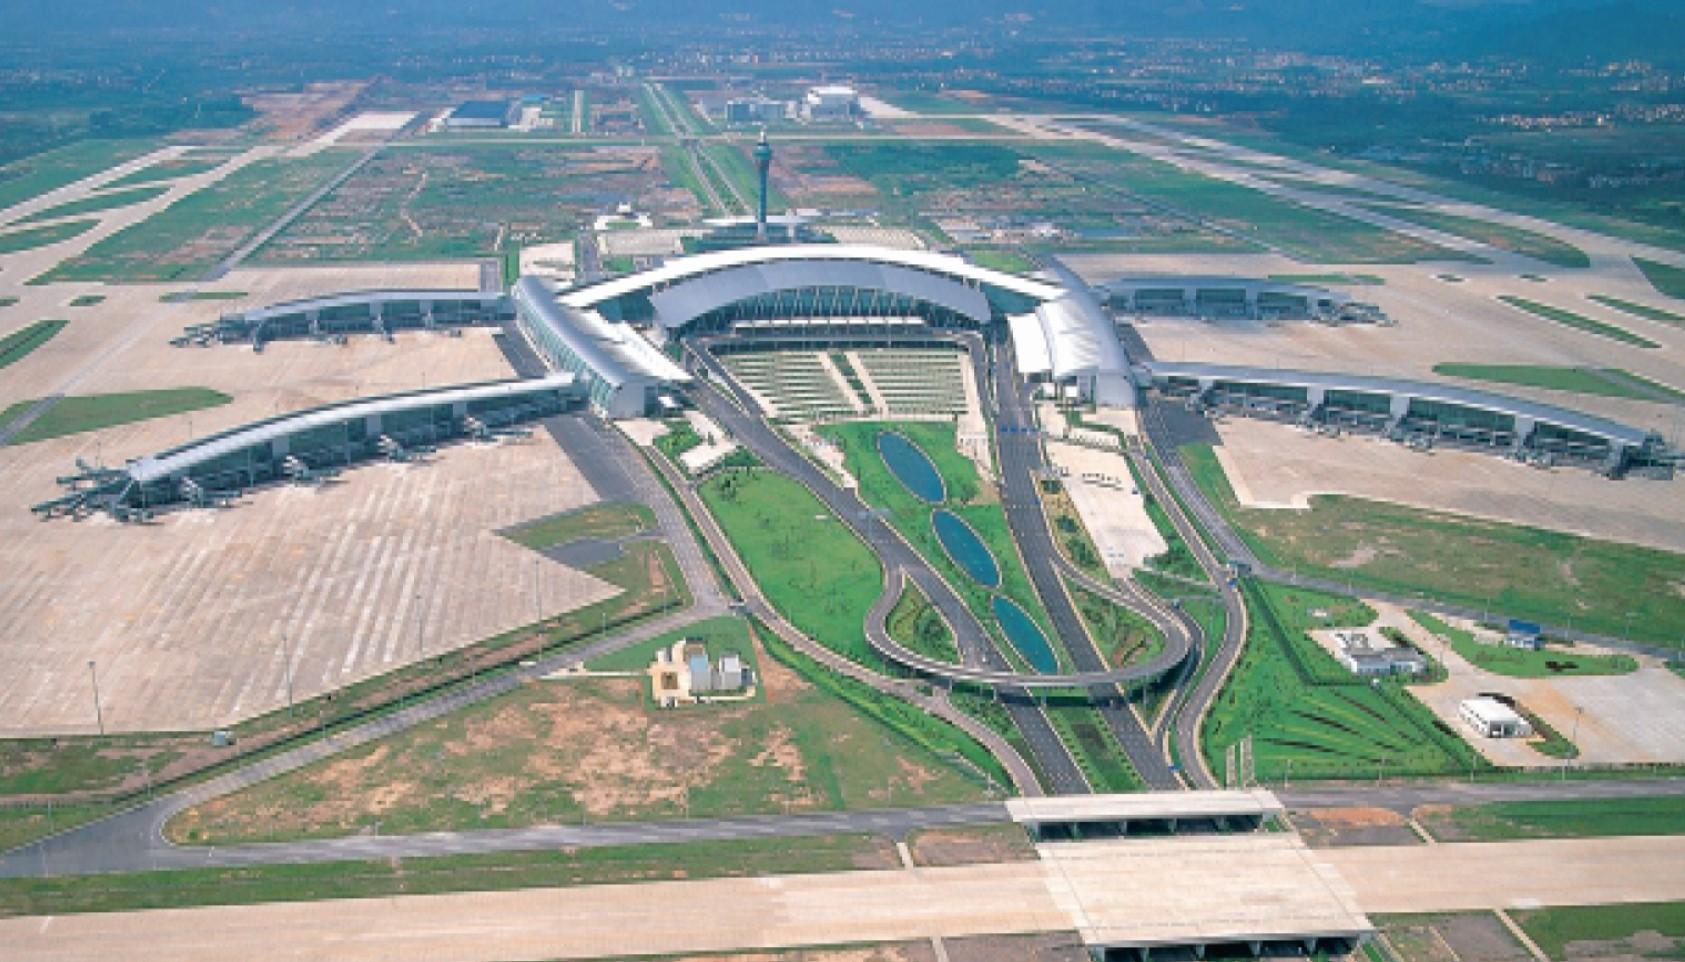 广东最繁忙的机场,是中国三大门户复合枢纽机场之一,不在深圳